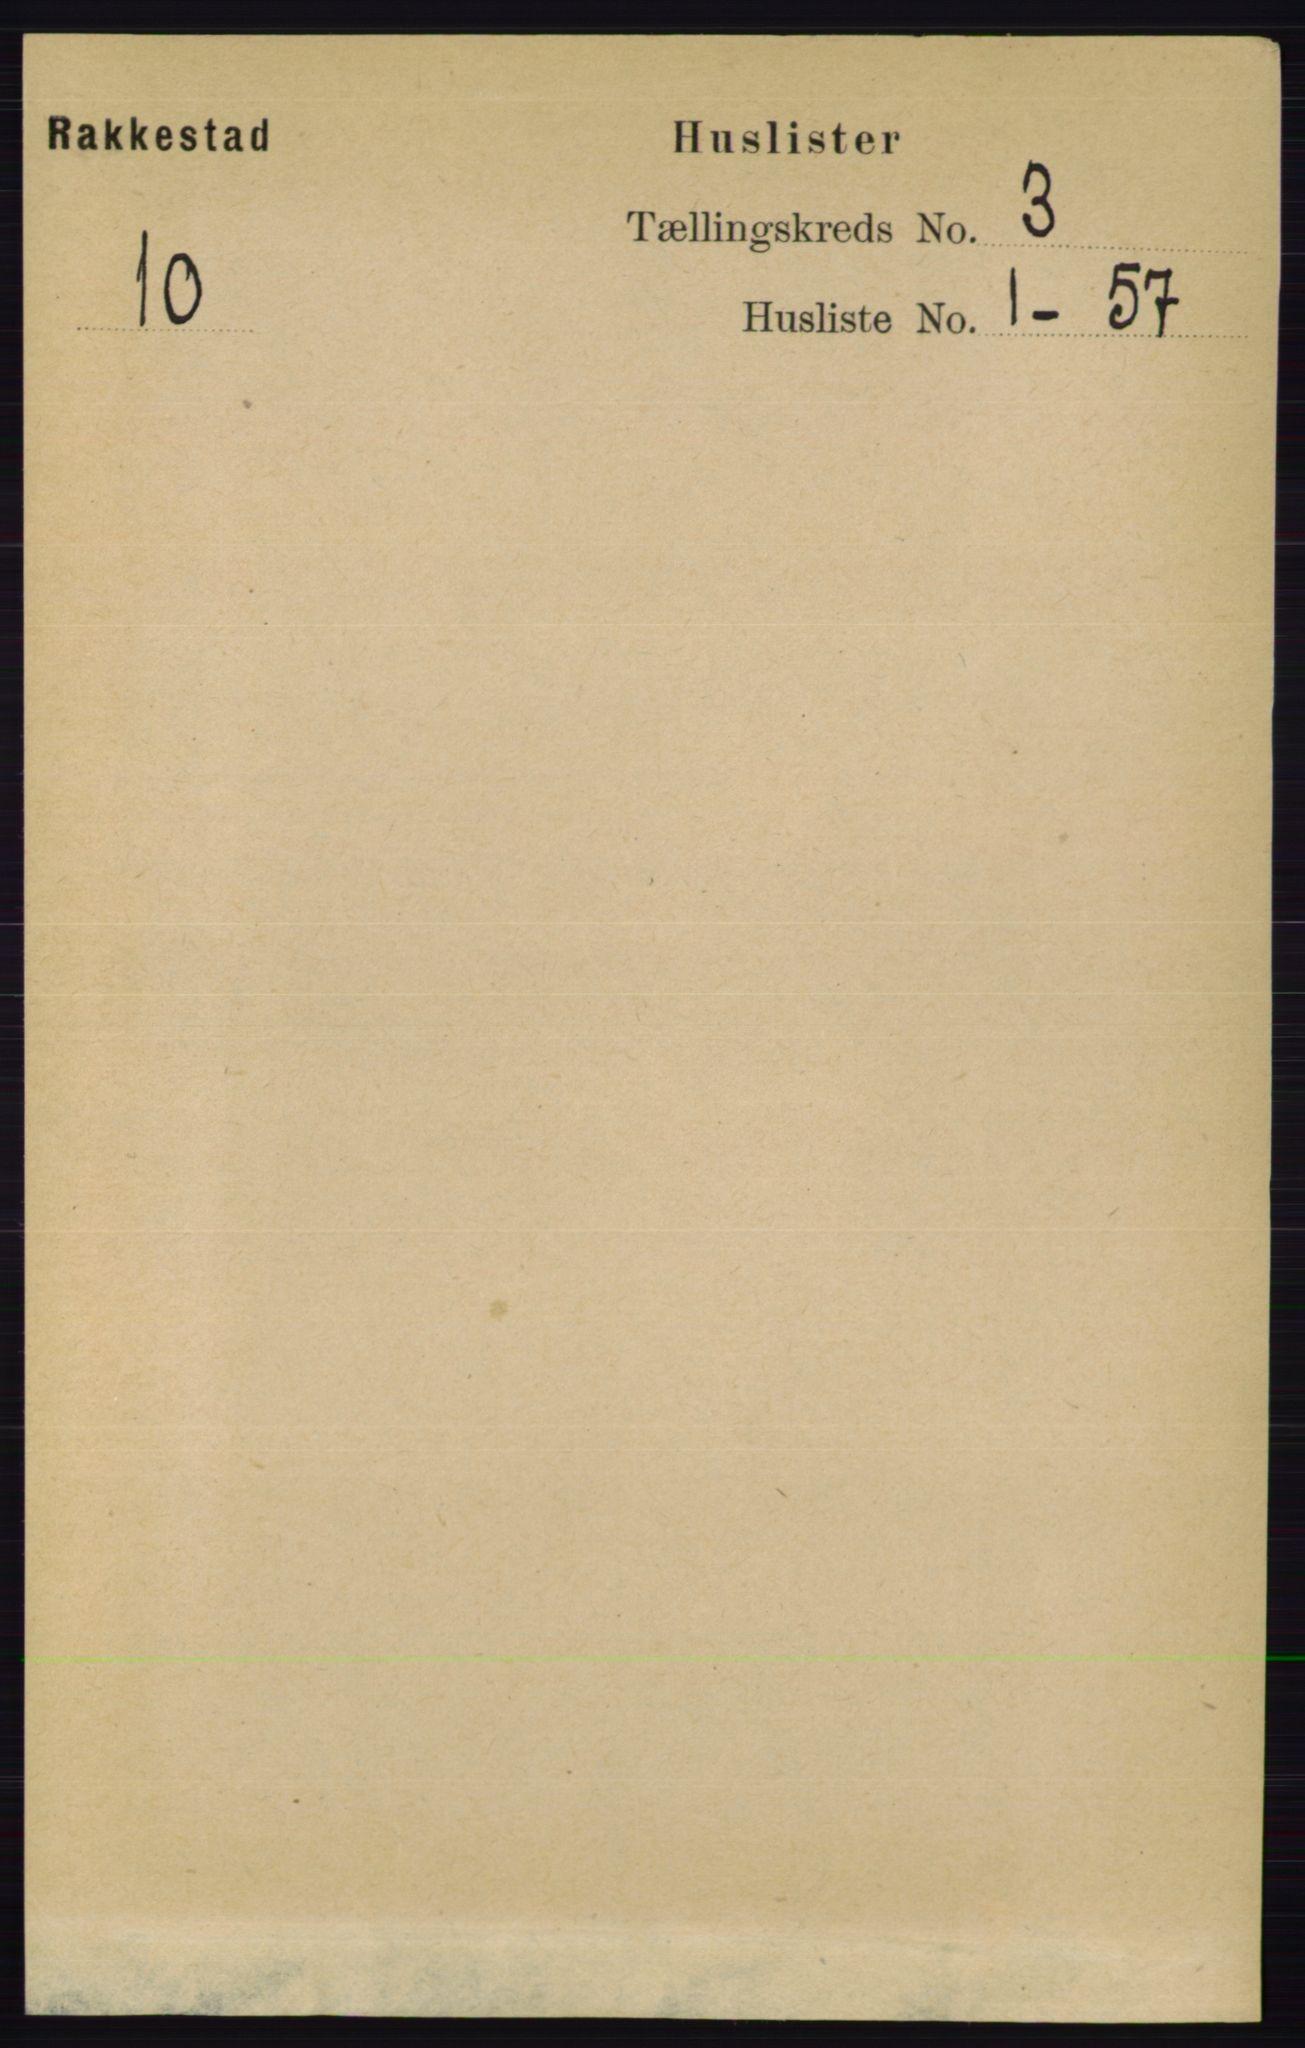 RA, Folketelling 1891 for 0128 Rakkestad herred, 1891, s. 1266